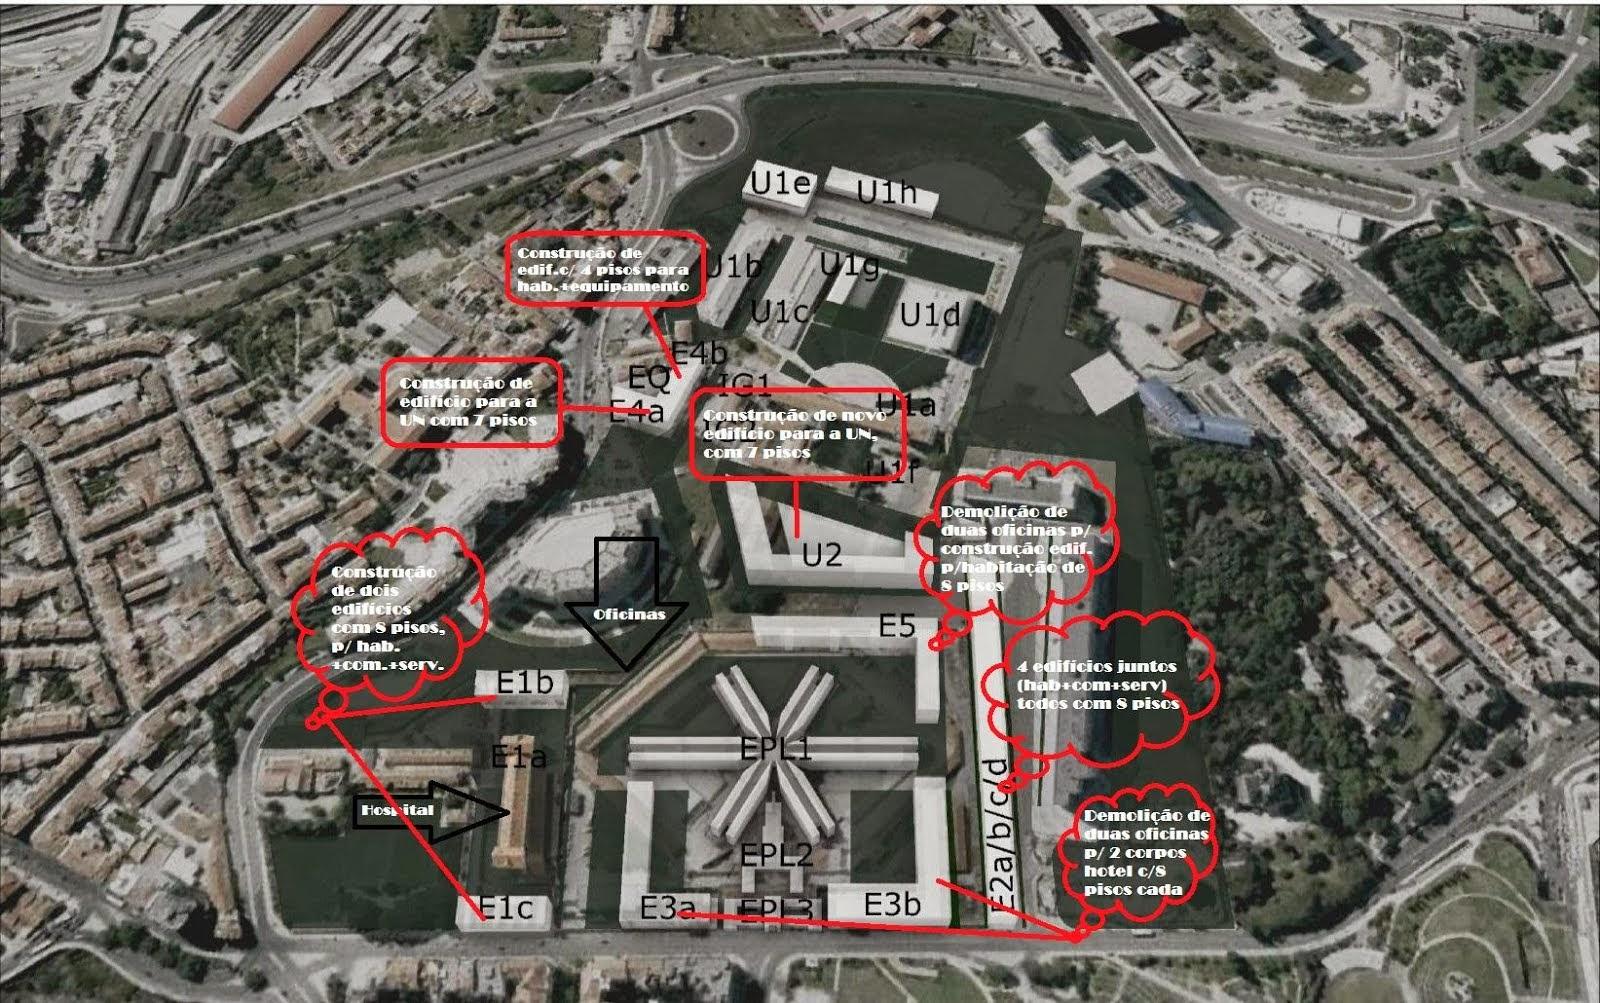 Contributo p/a discussão pública PP Campus Campolide